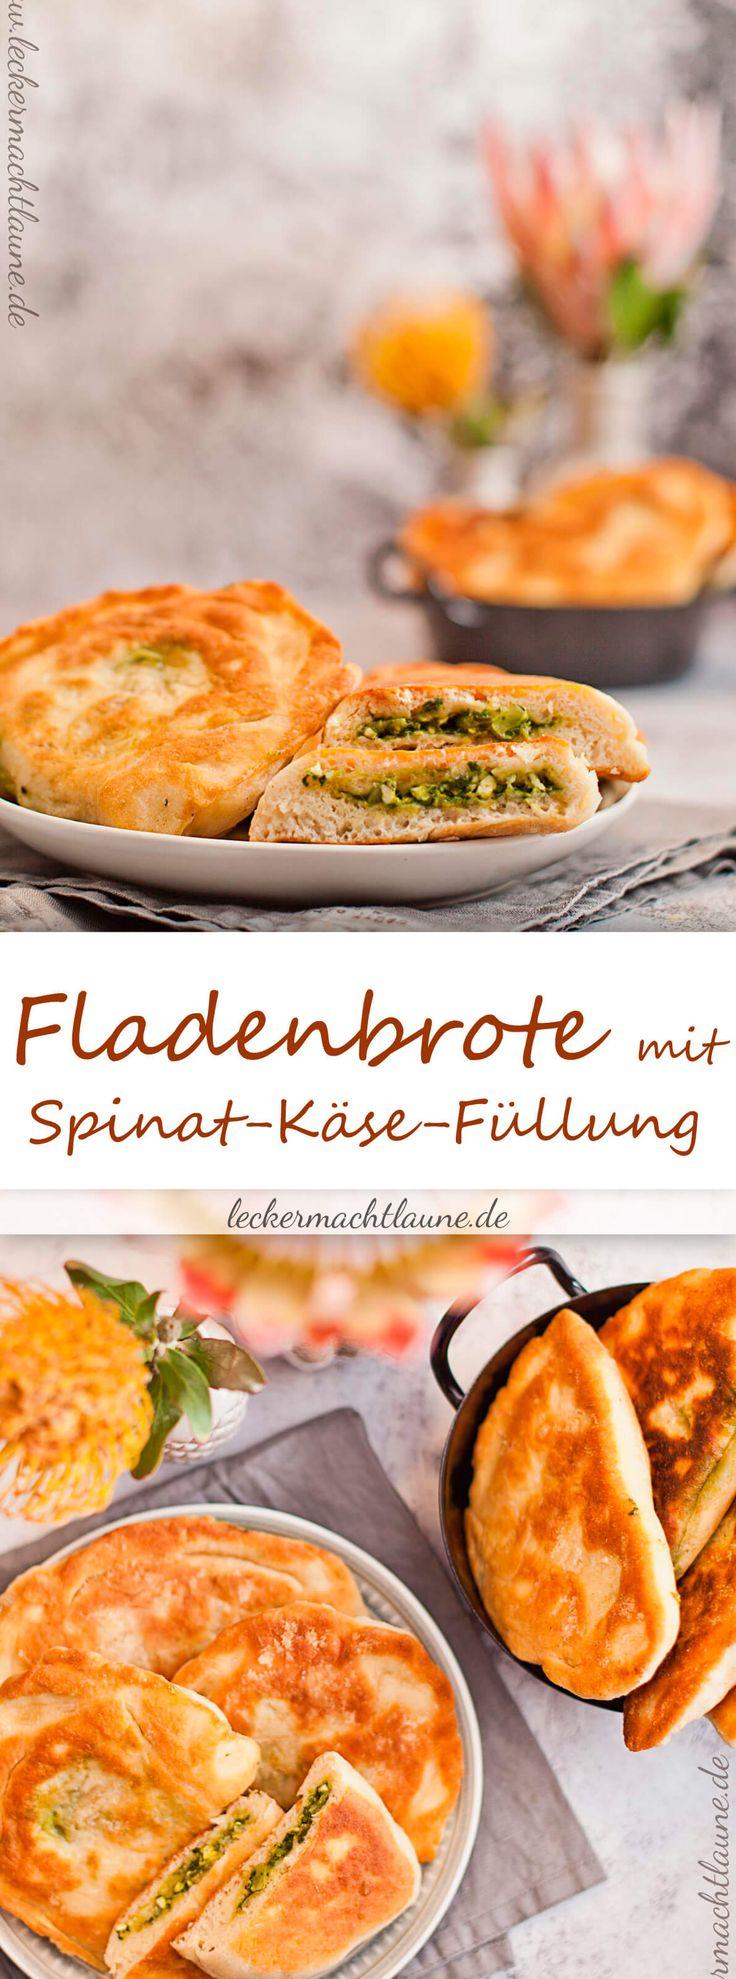 Sehr lecker und einfach gemacht: Fladenbrote mit Spinat-Käse-Füllung! Dazu passt ein schön frischer Salat.